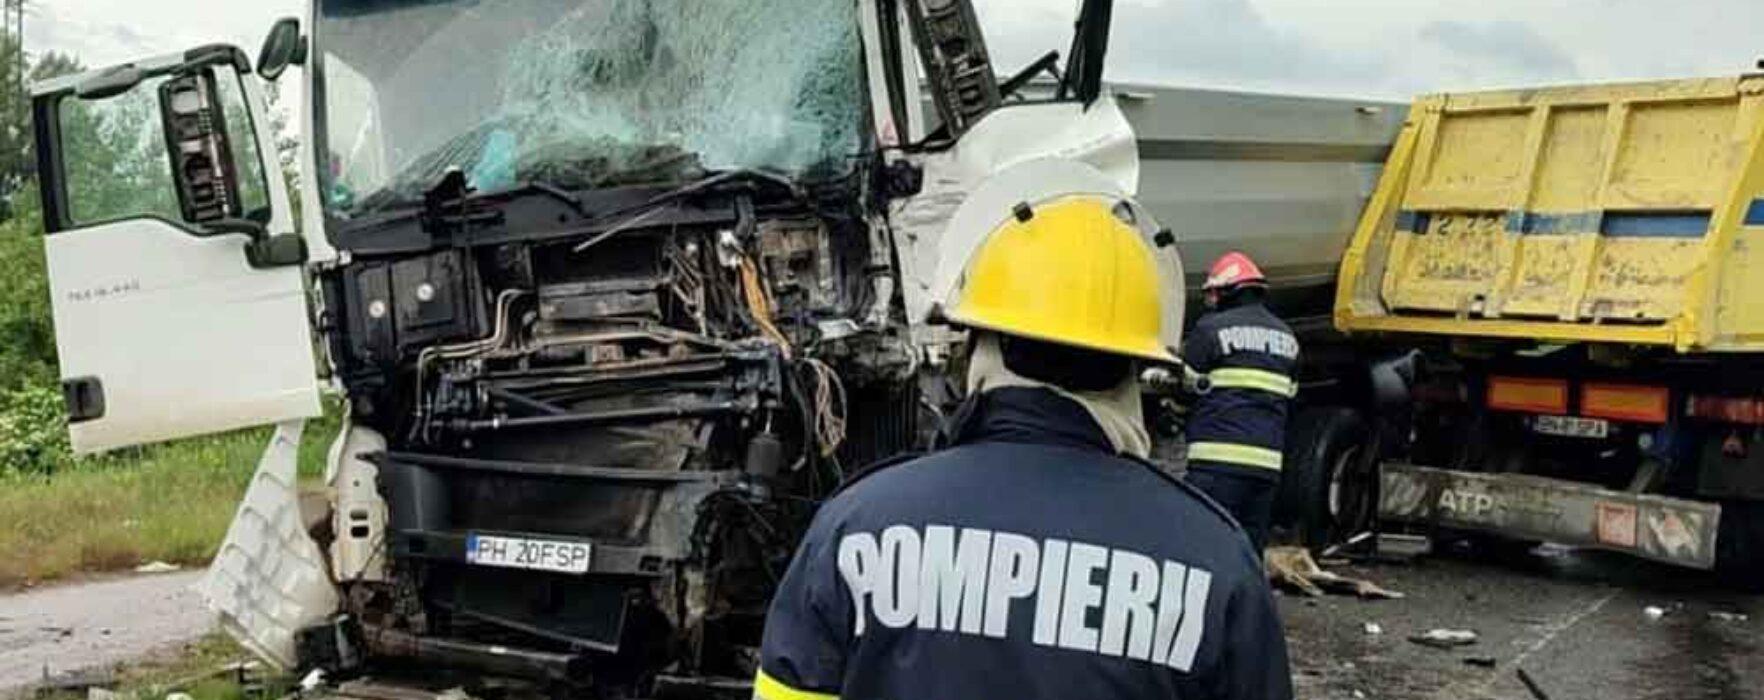 Dâmboviţa: Două autocamioane care transportau nisip implicate într-un accident, două persoane au fost rănite